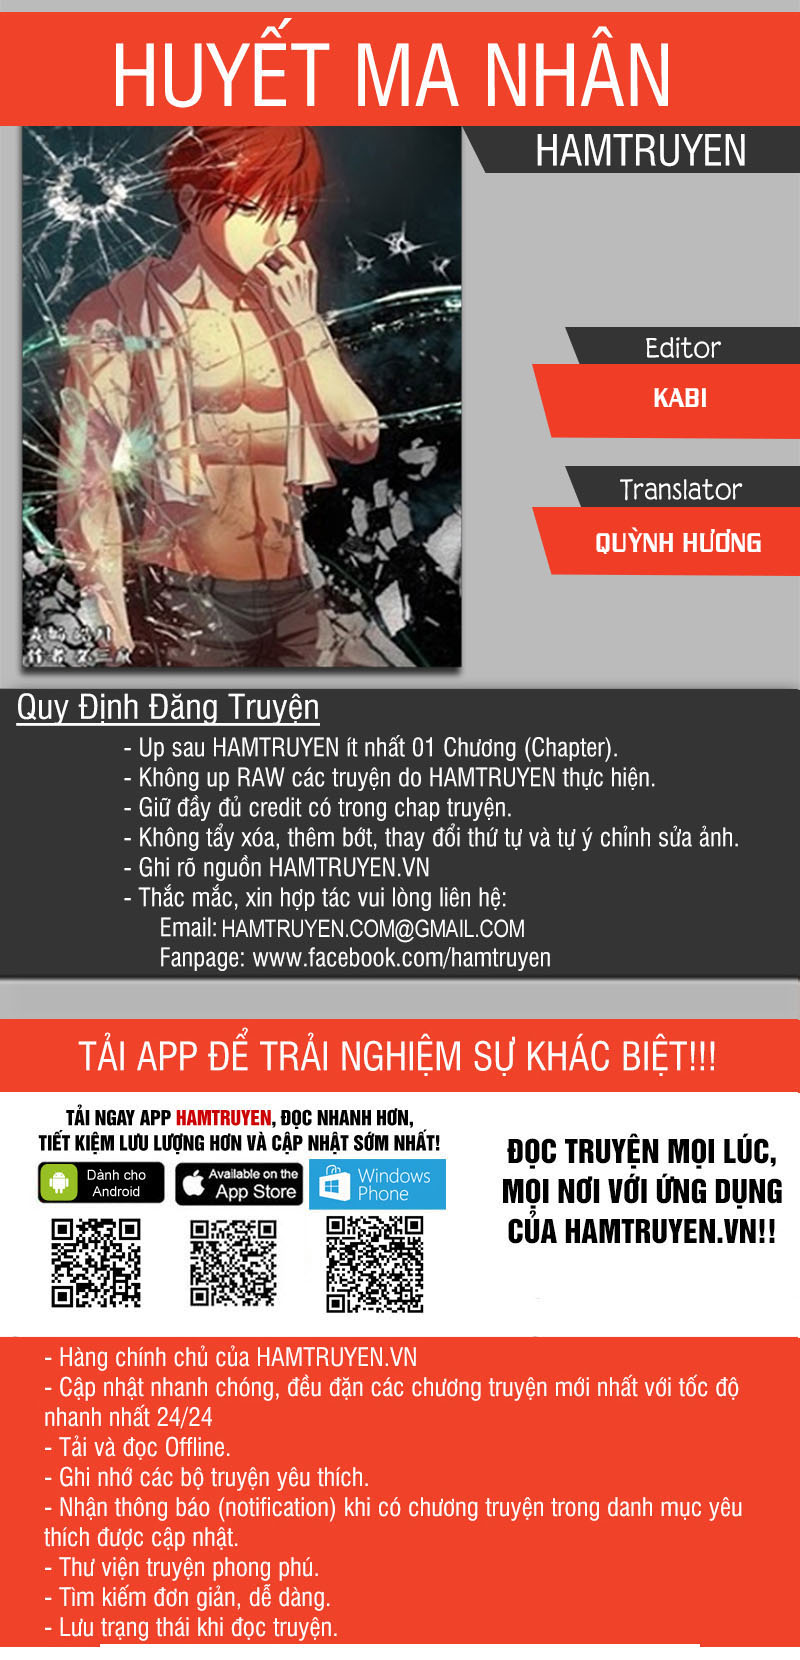 Giới Ma Nhân Chap 403 Upload bởi Truyentranhmoi.net